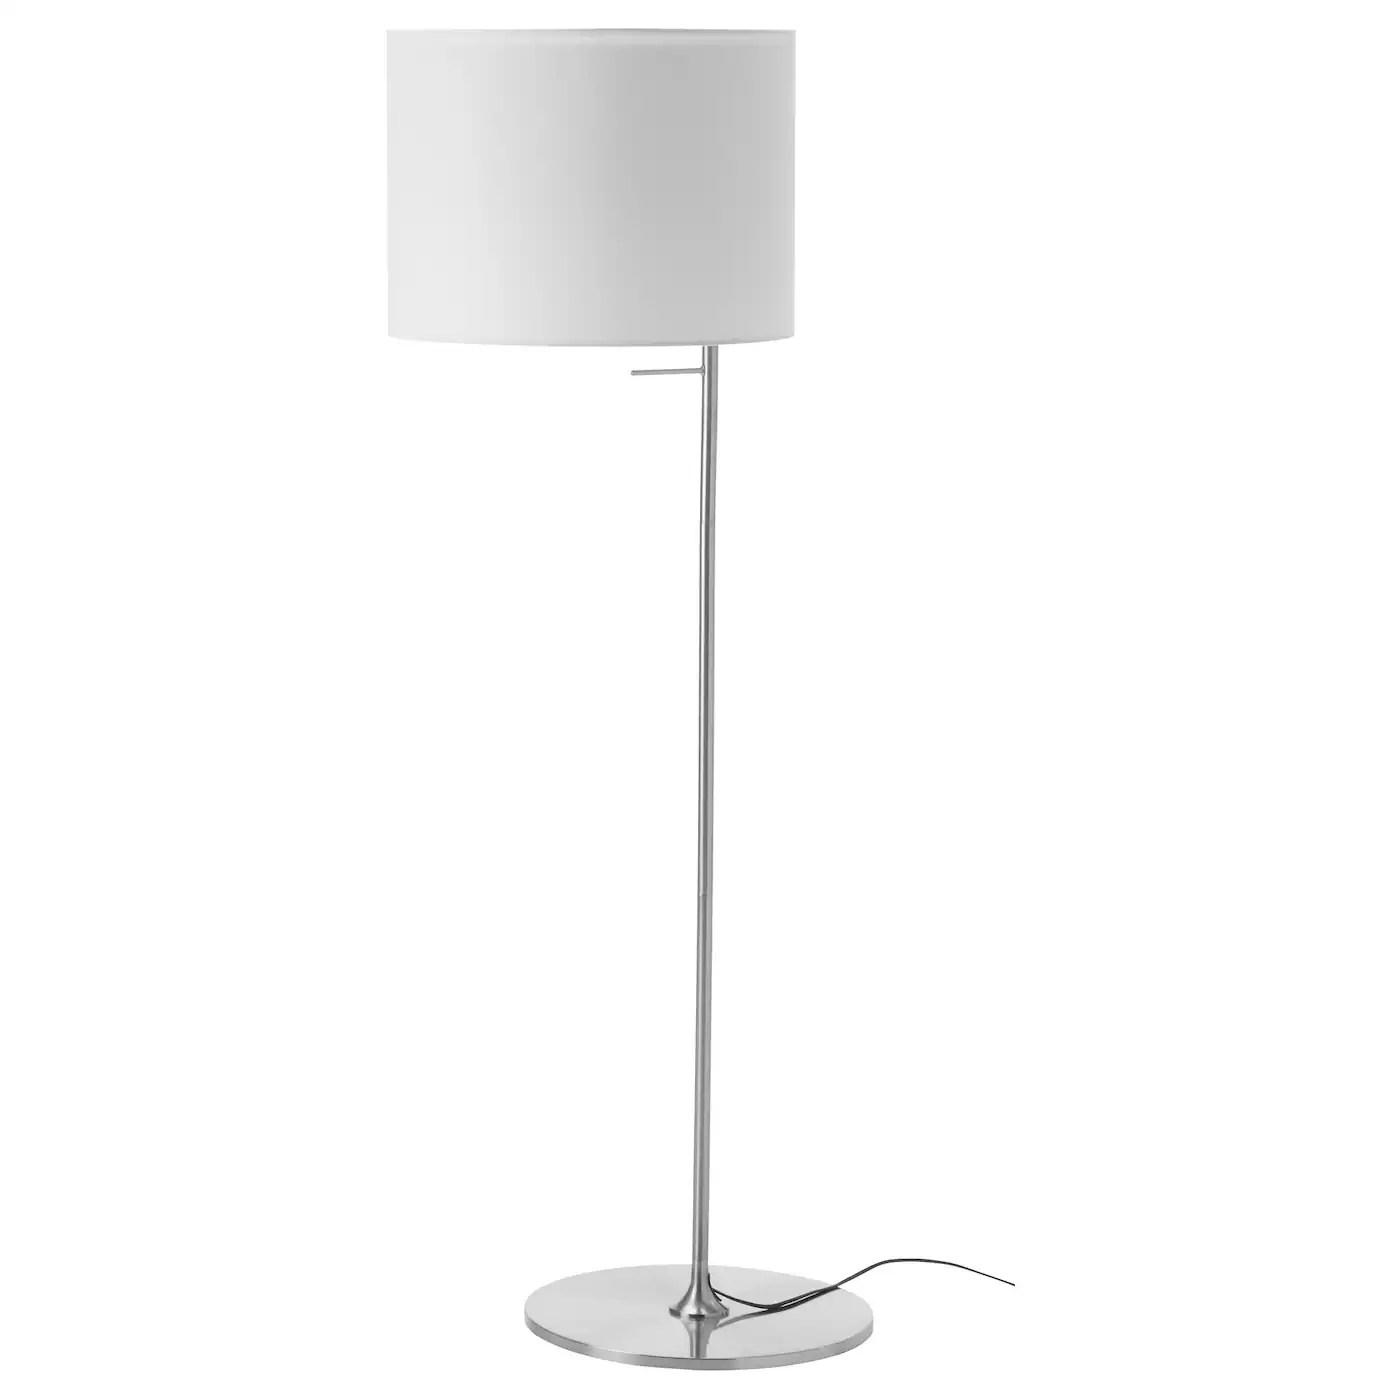 STOCKHOLM Floor lamp White